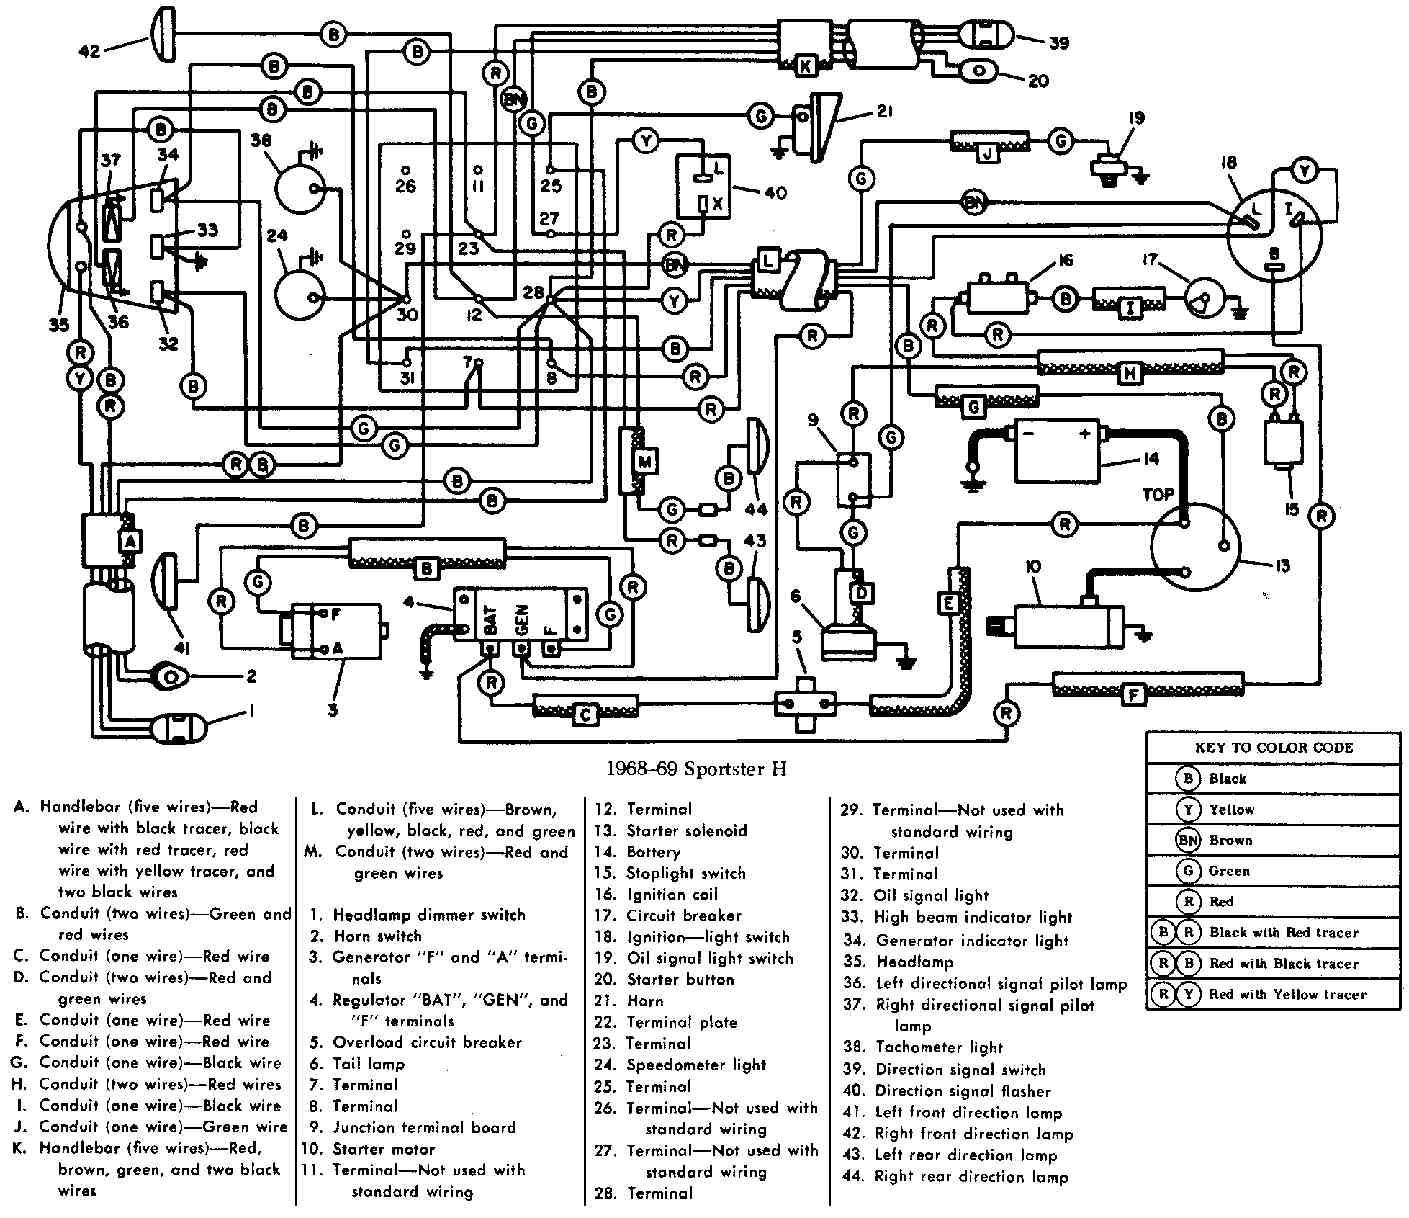 harley davidson schematic [ 1409 x 1218 Pixel ]